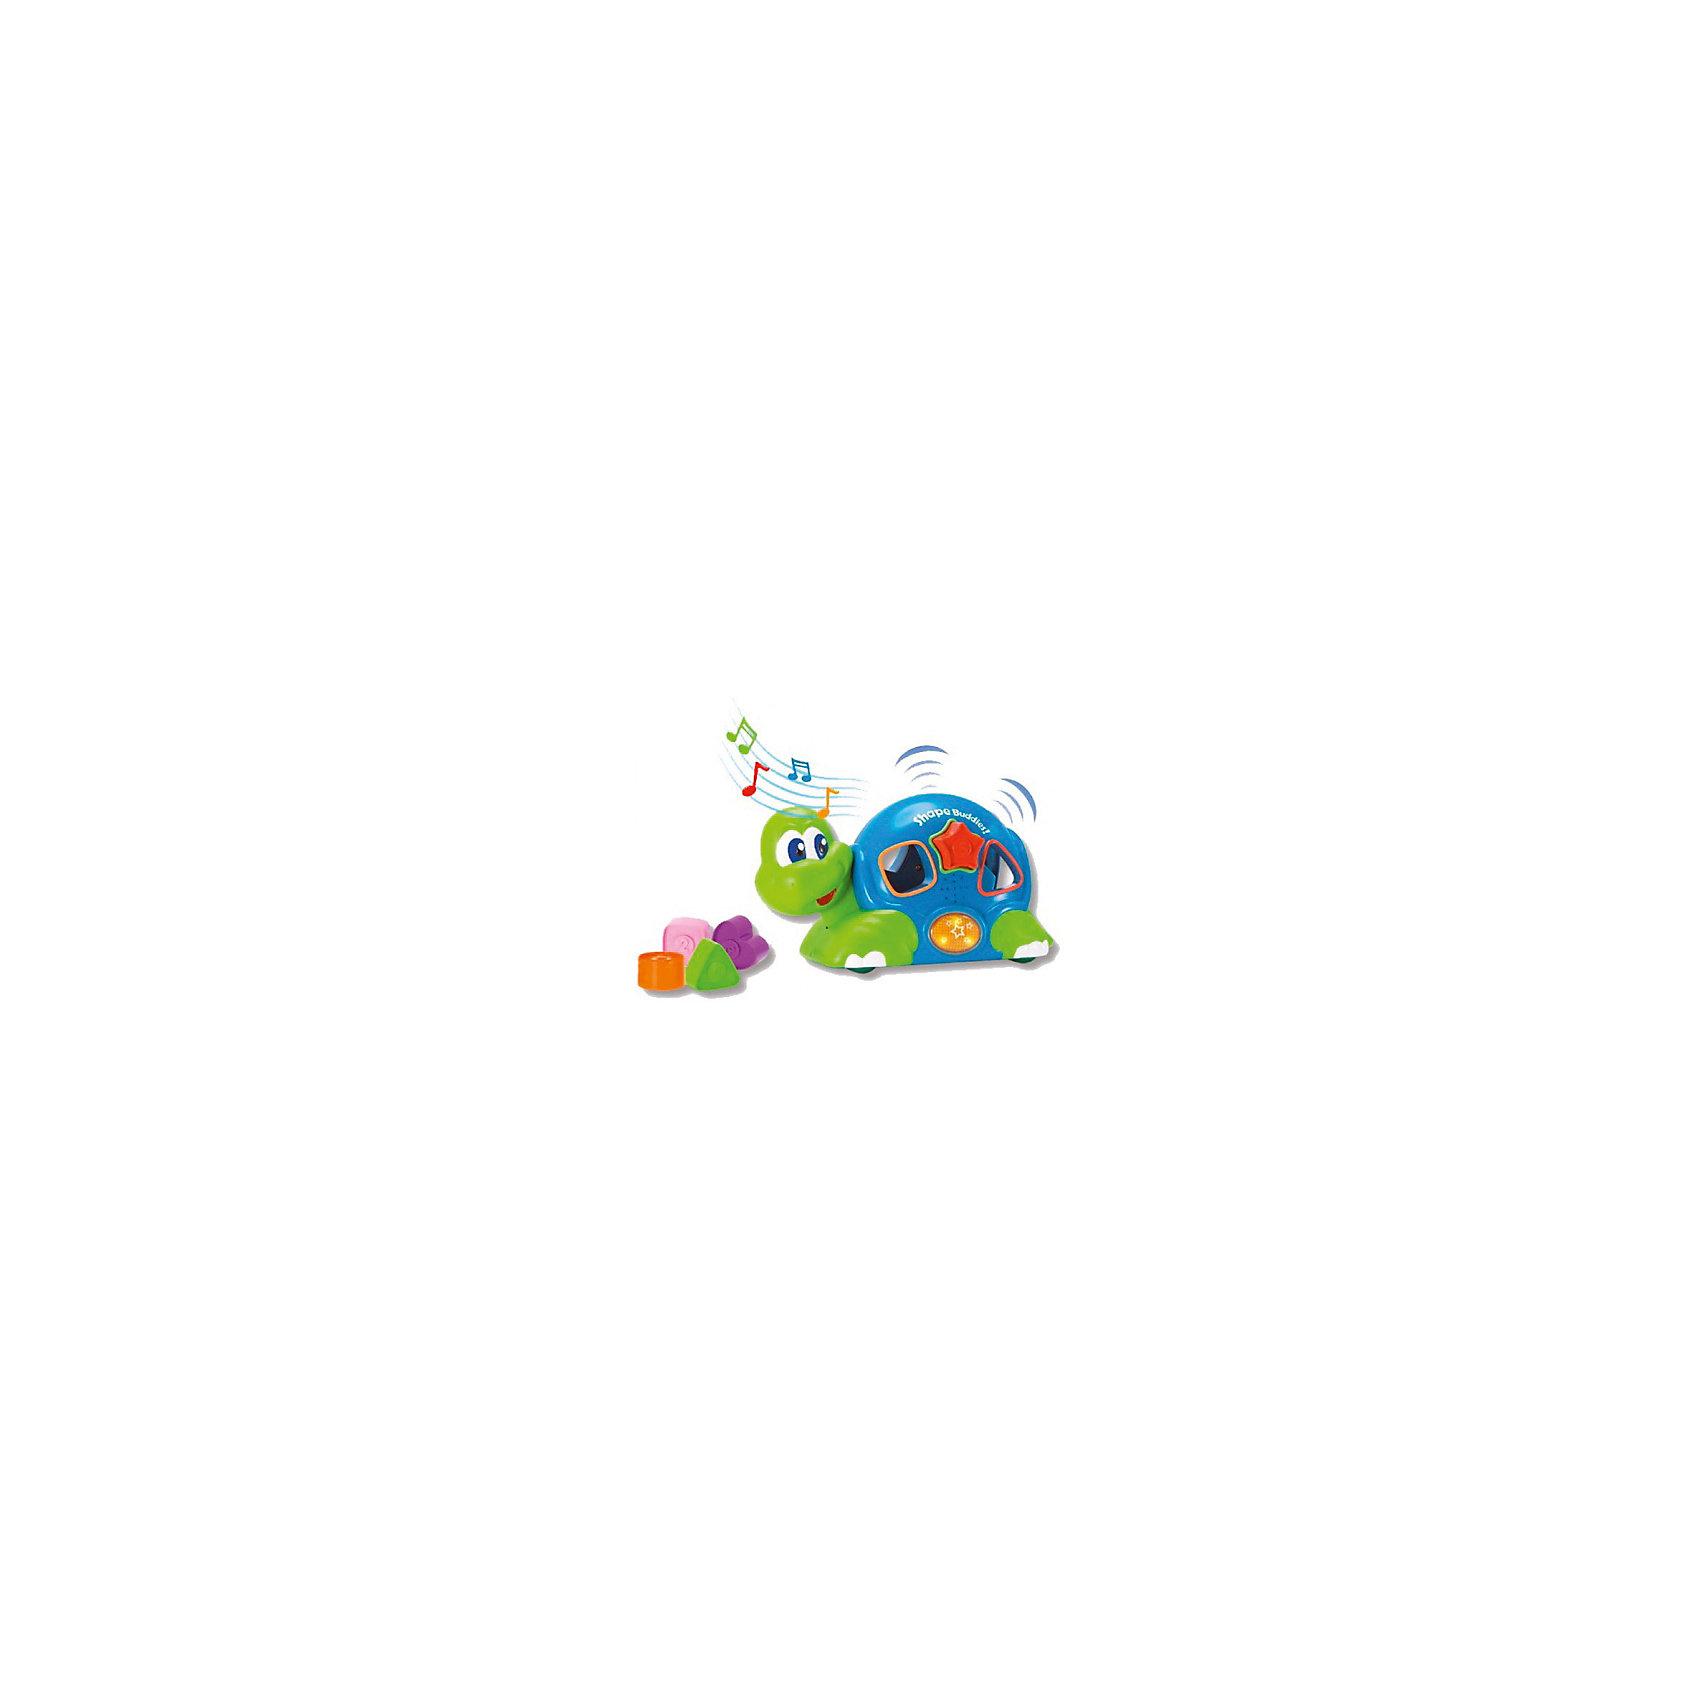 Черепашка с паззлами, со звуком и светом, KeenwayИгрушки для малышей<br>Черепашка с паззлами, со звуком и светом от  Keenway - отличный подарок ребенку. Это красочная игрушка, которая обязательно понравится малышу. Она выполнена в виде веселой черепахи. Черепашка не только ездит, но и мигает глазками, а так же воспроизводит удивительные веселые мелодии. Чтобы начать игру, следует нажать на специальную клавишу, включающую музыкальное сопровождение.<br>Игрушка по габаритам идеально подходит для маленьких ручек малыша. Весит совсем немного. Такие игрушки помогают развить мелкую моторику, логическое мышление и воображение ребенка. Эта игрушка выполнена из высококачественного прочного пластика, безопасного для детей.<br>  <br>Дополнительная информация:<br><br>цвет: разноцветный;<br>материал: пластик;<br>размер: 26 х 12 х 16 см;<br>комплектация: черепашка, 5 формочек;<br>вес: 827 г.<br><br>Черепашку с паззлами, со звуком и светом от компании Keenway можно купить в нашем магазине.<br><br>Ширина мм: 345<br>Глубина мм: 200<br>Высота мм: 165<br>Вес г: 770<br>Возраст от месяцев: 36<br>Возраст до месяцев: 120<br>Пол: Унисекс<br>Возраст: Детский<br>SKU: 4810980